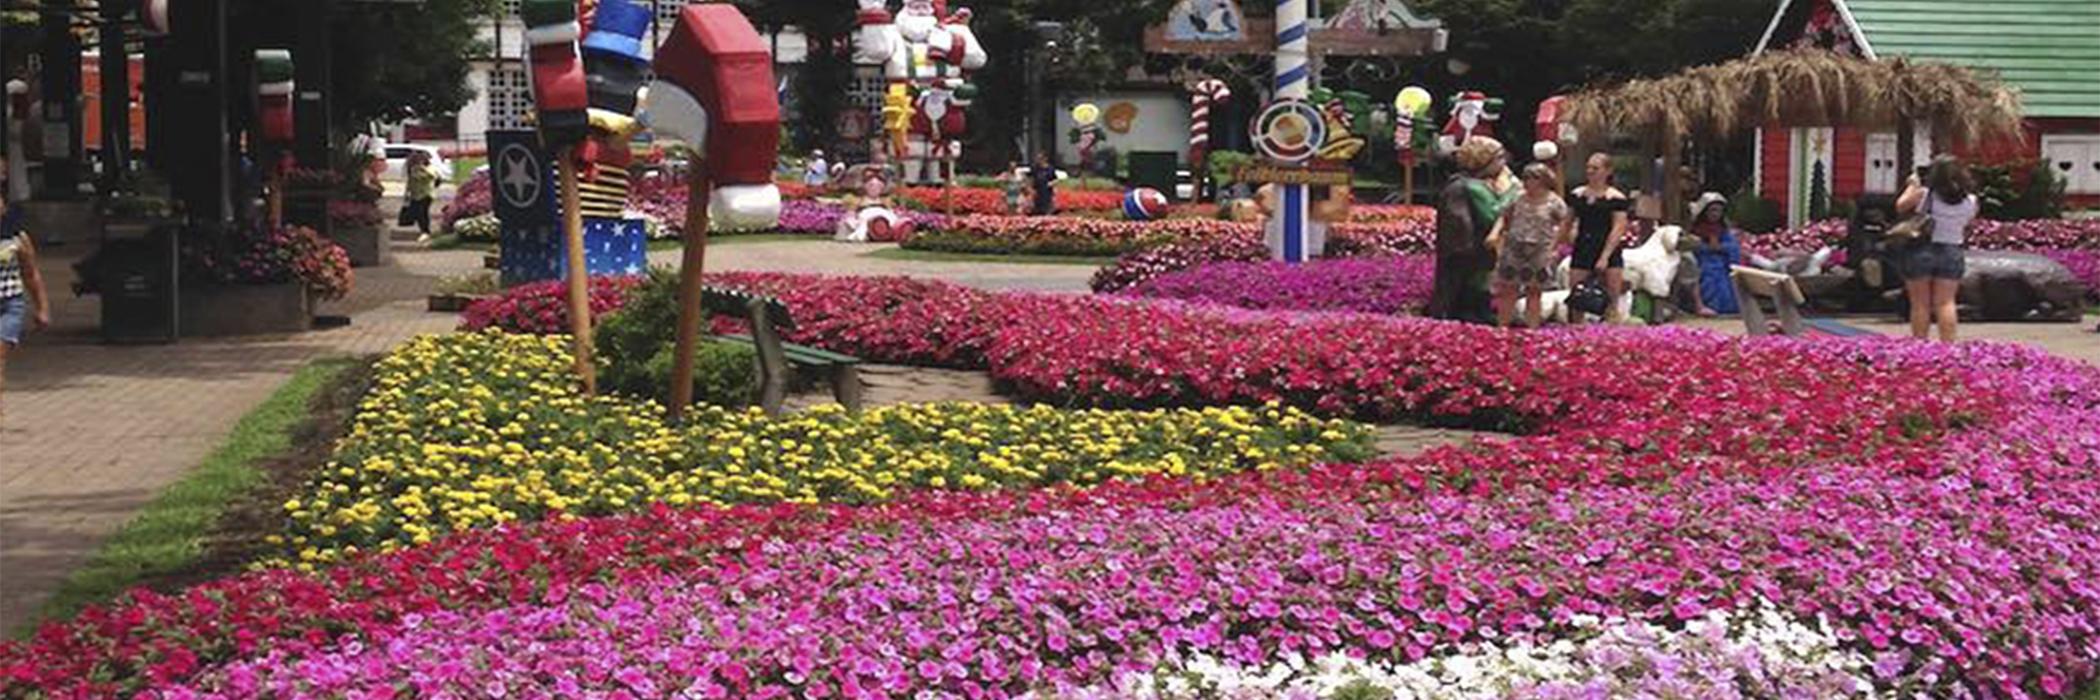 HOME ROTEIRO DA SERRA GAUCHA - RS - NOVA PETRÓPOLIS - foto jardim flores rosa